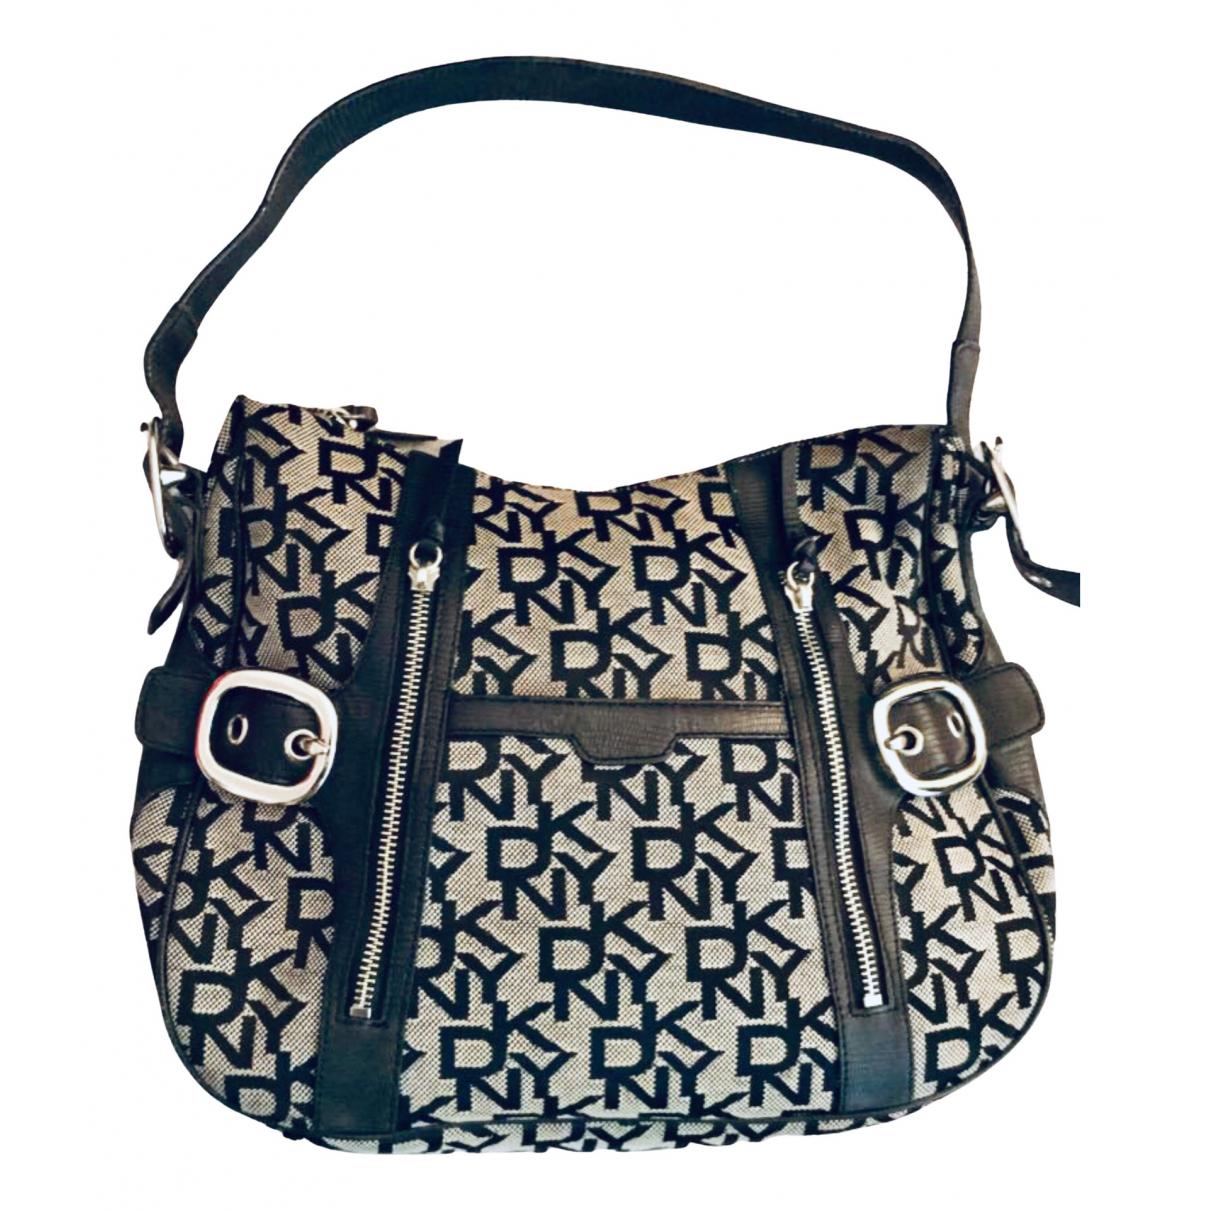 Dkny \N Handtasche in  Grau Leinen